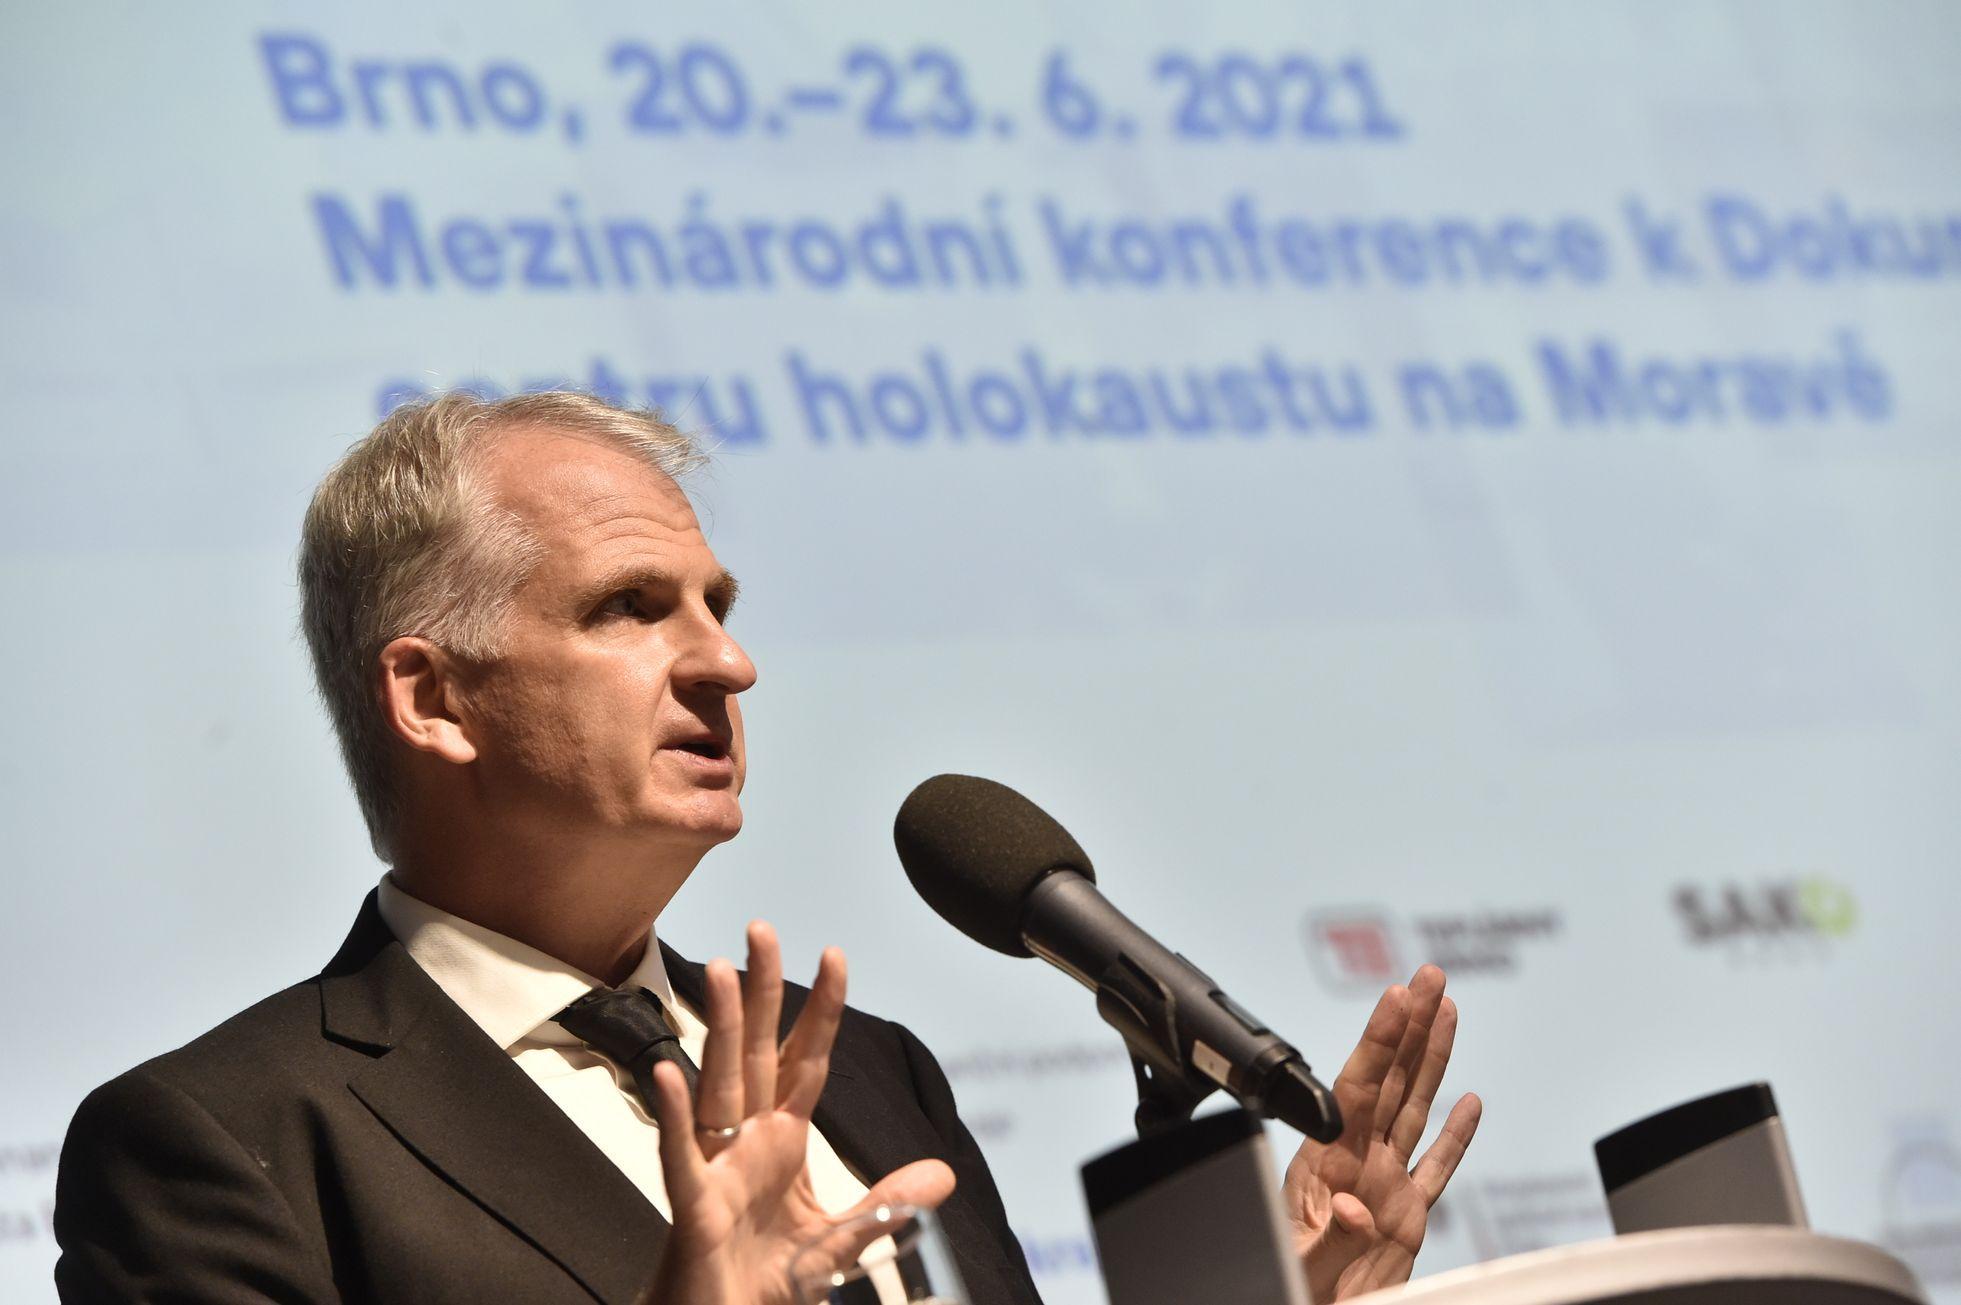 Kdyby teď civilizace zanikla, zůstanou po nás masové hroby, řekl Snyder v Brně